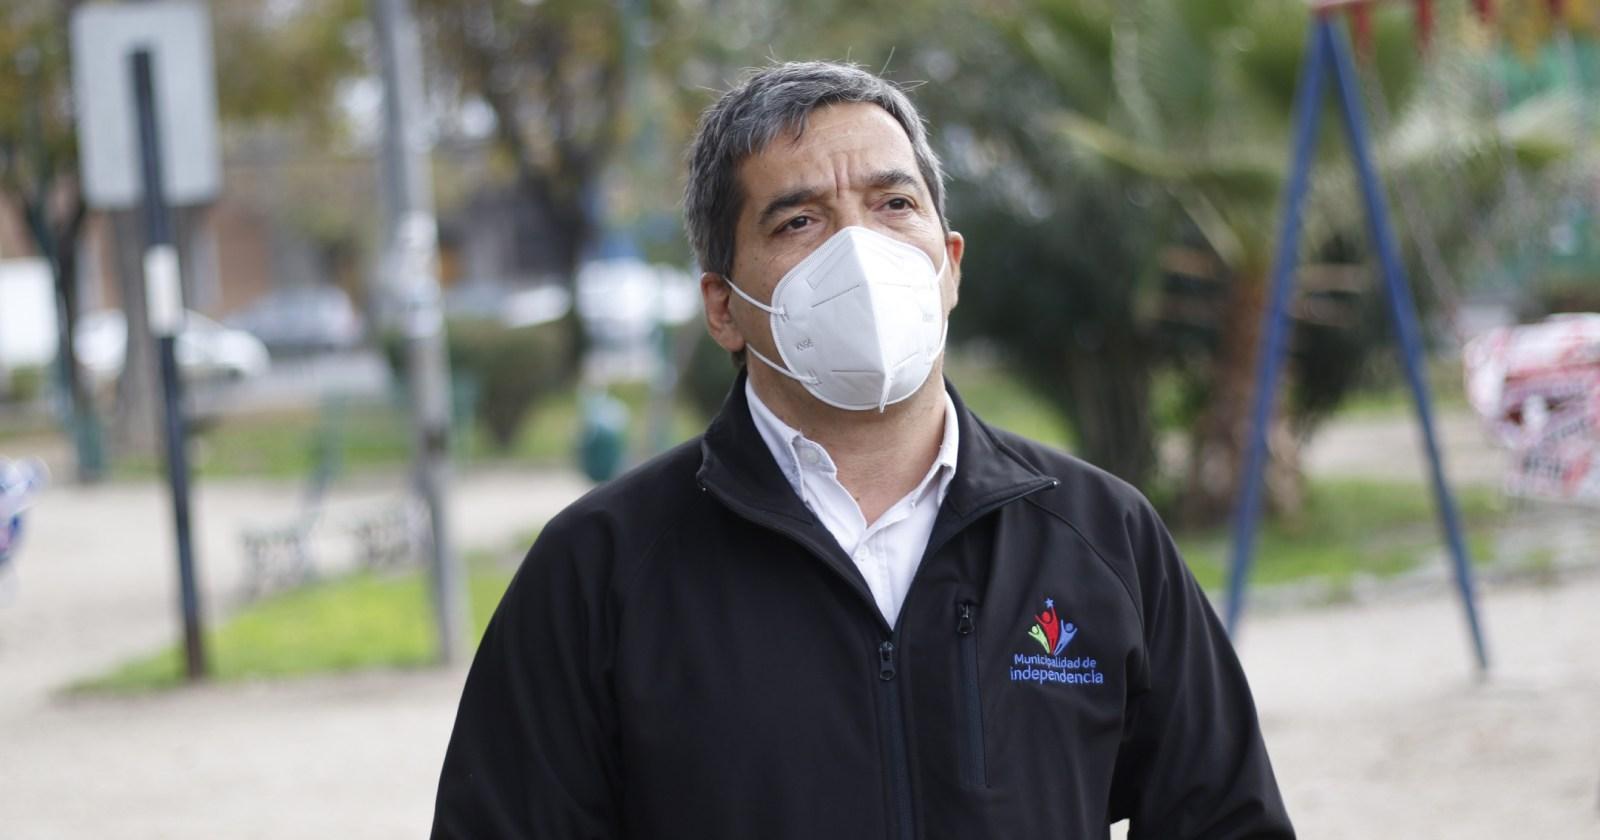 """""""Le miente descaradamente al país"""": alcalde de Independencia molesto por reaparición de Mañalich"""